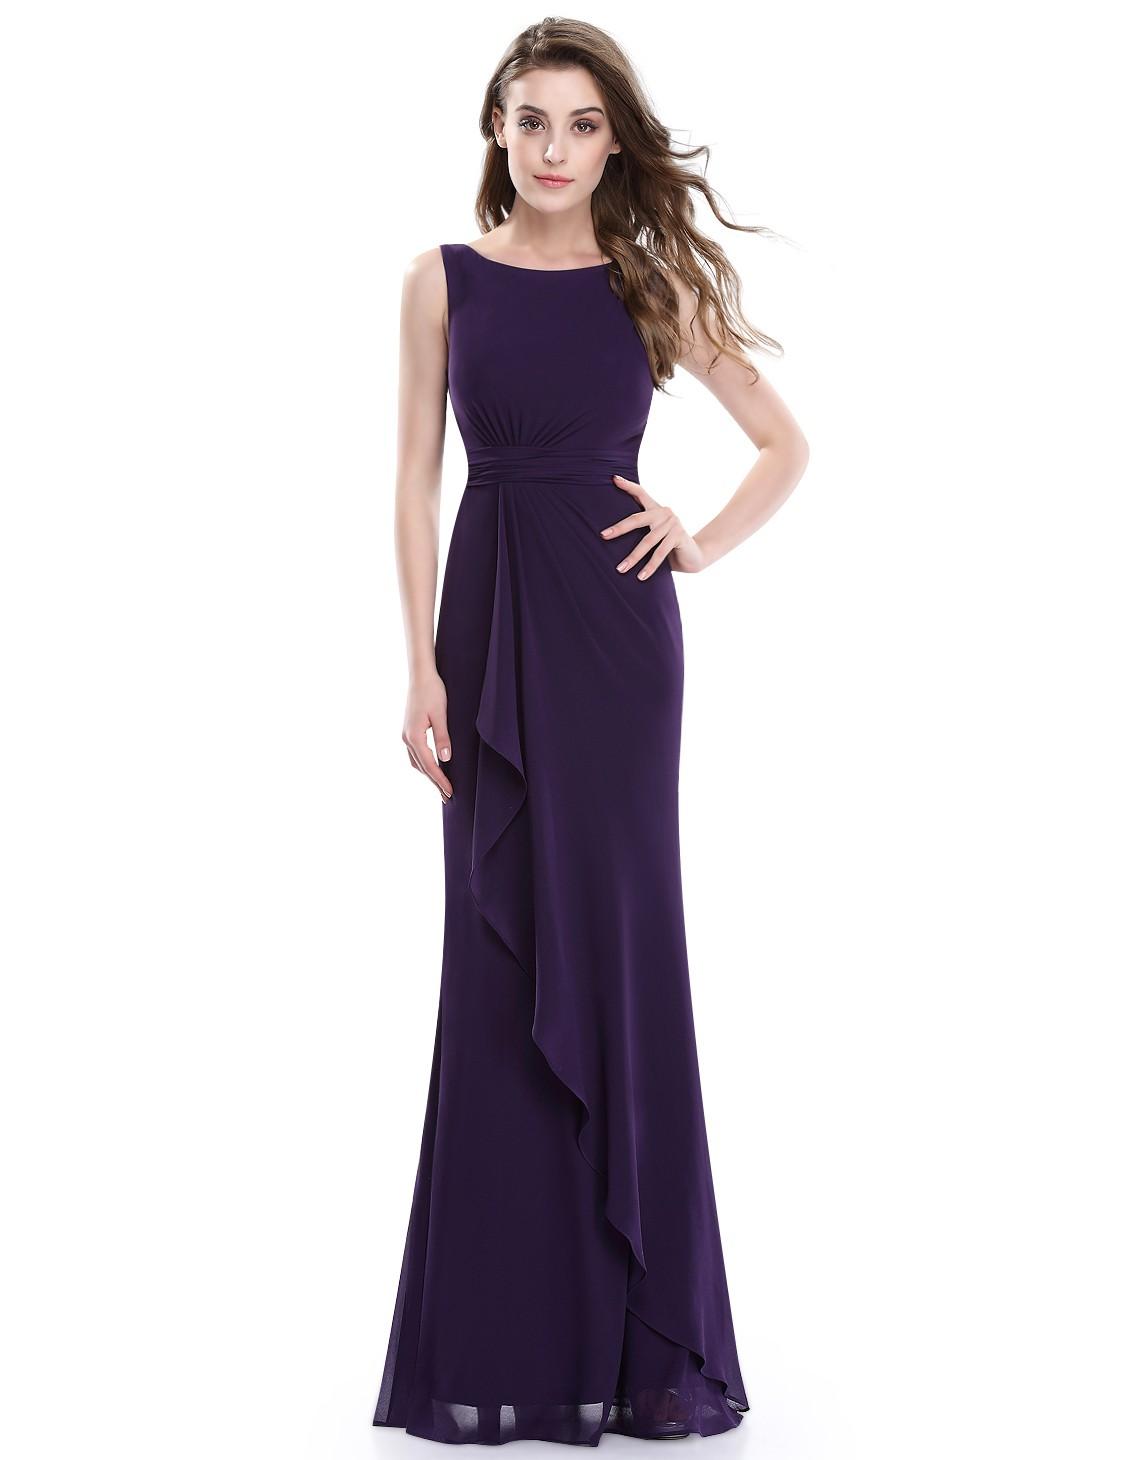 a9f91a973776 tmavě fialové dlouhé společenské šaty Dita XL - Hollywood Style E-Shop -  plesové a svatební šaty